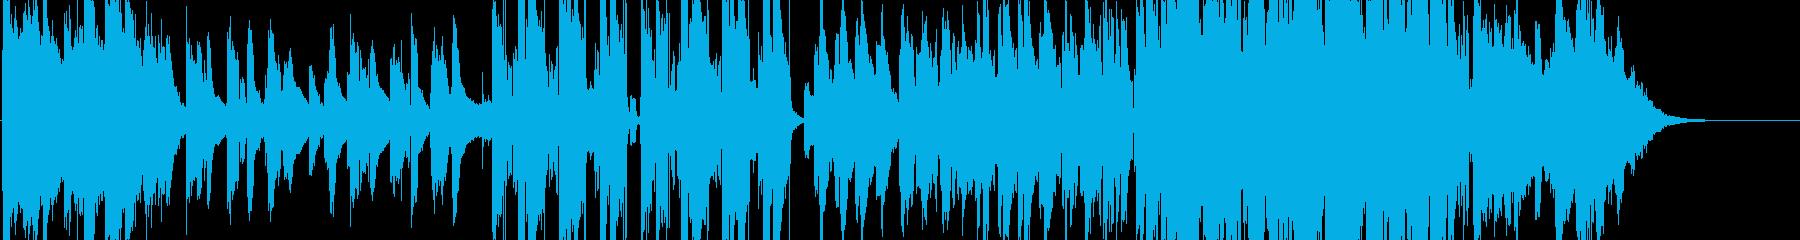 Emotional Western music ballad / R & B's reproduced waveform